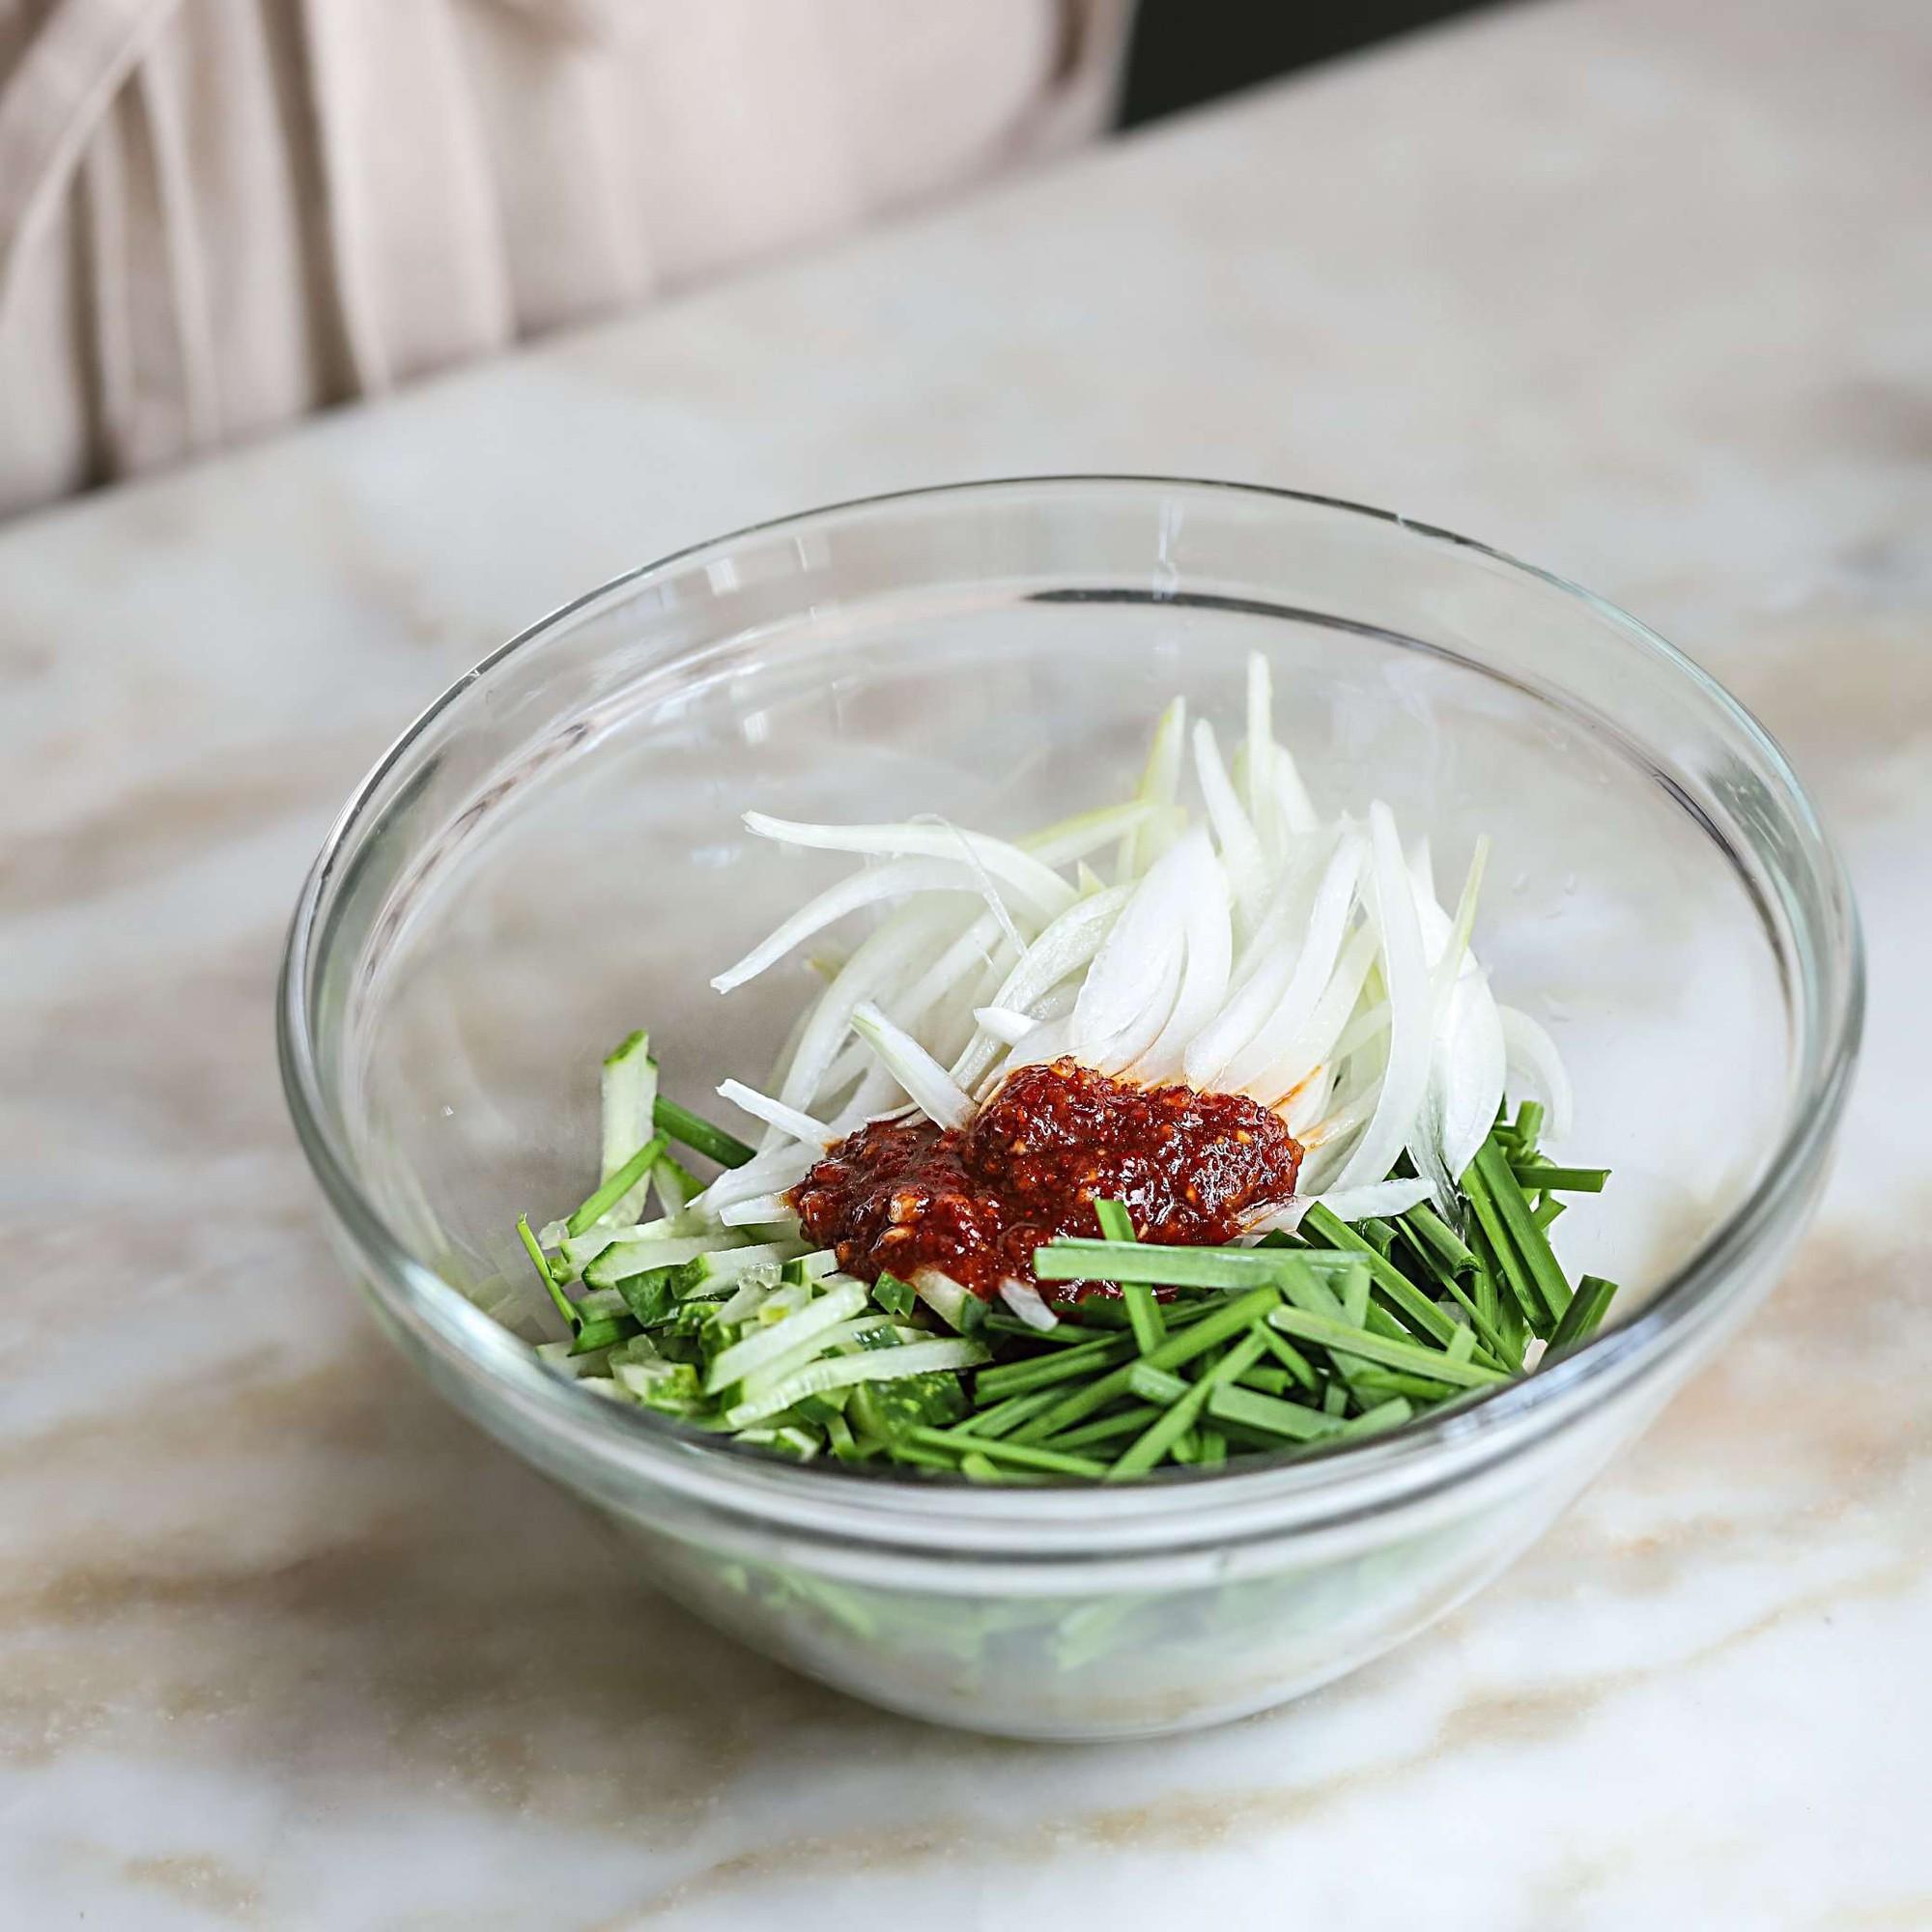 Học người Hàn làm món thịt trộn siêu tốc cho bữa tối ngon xuất sắc - Ảnh 5.